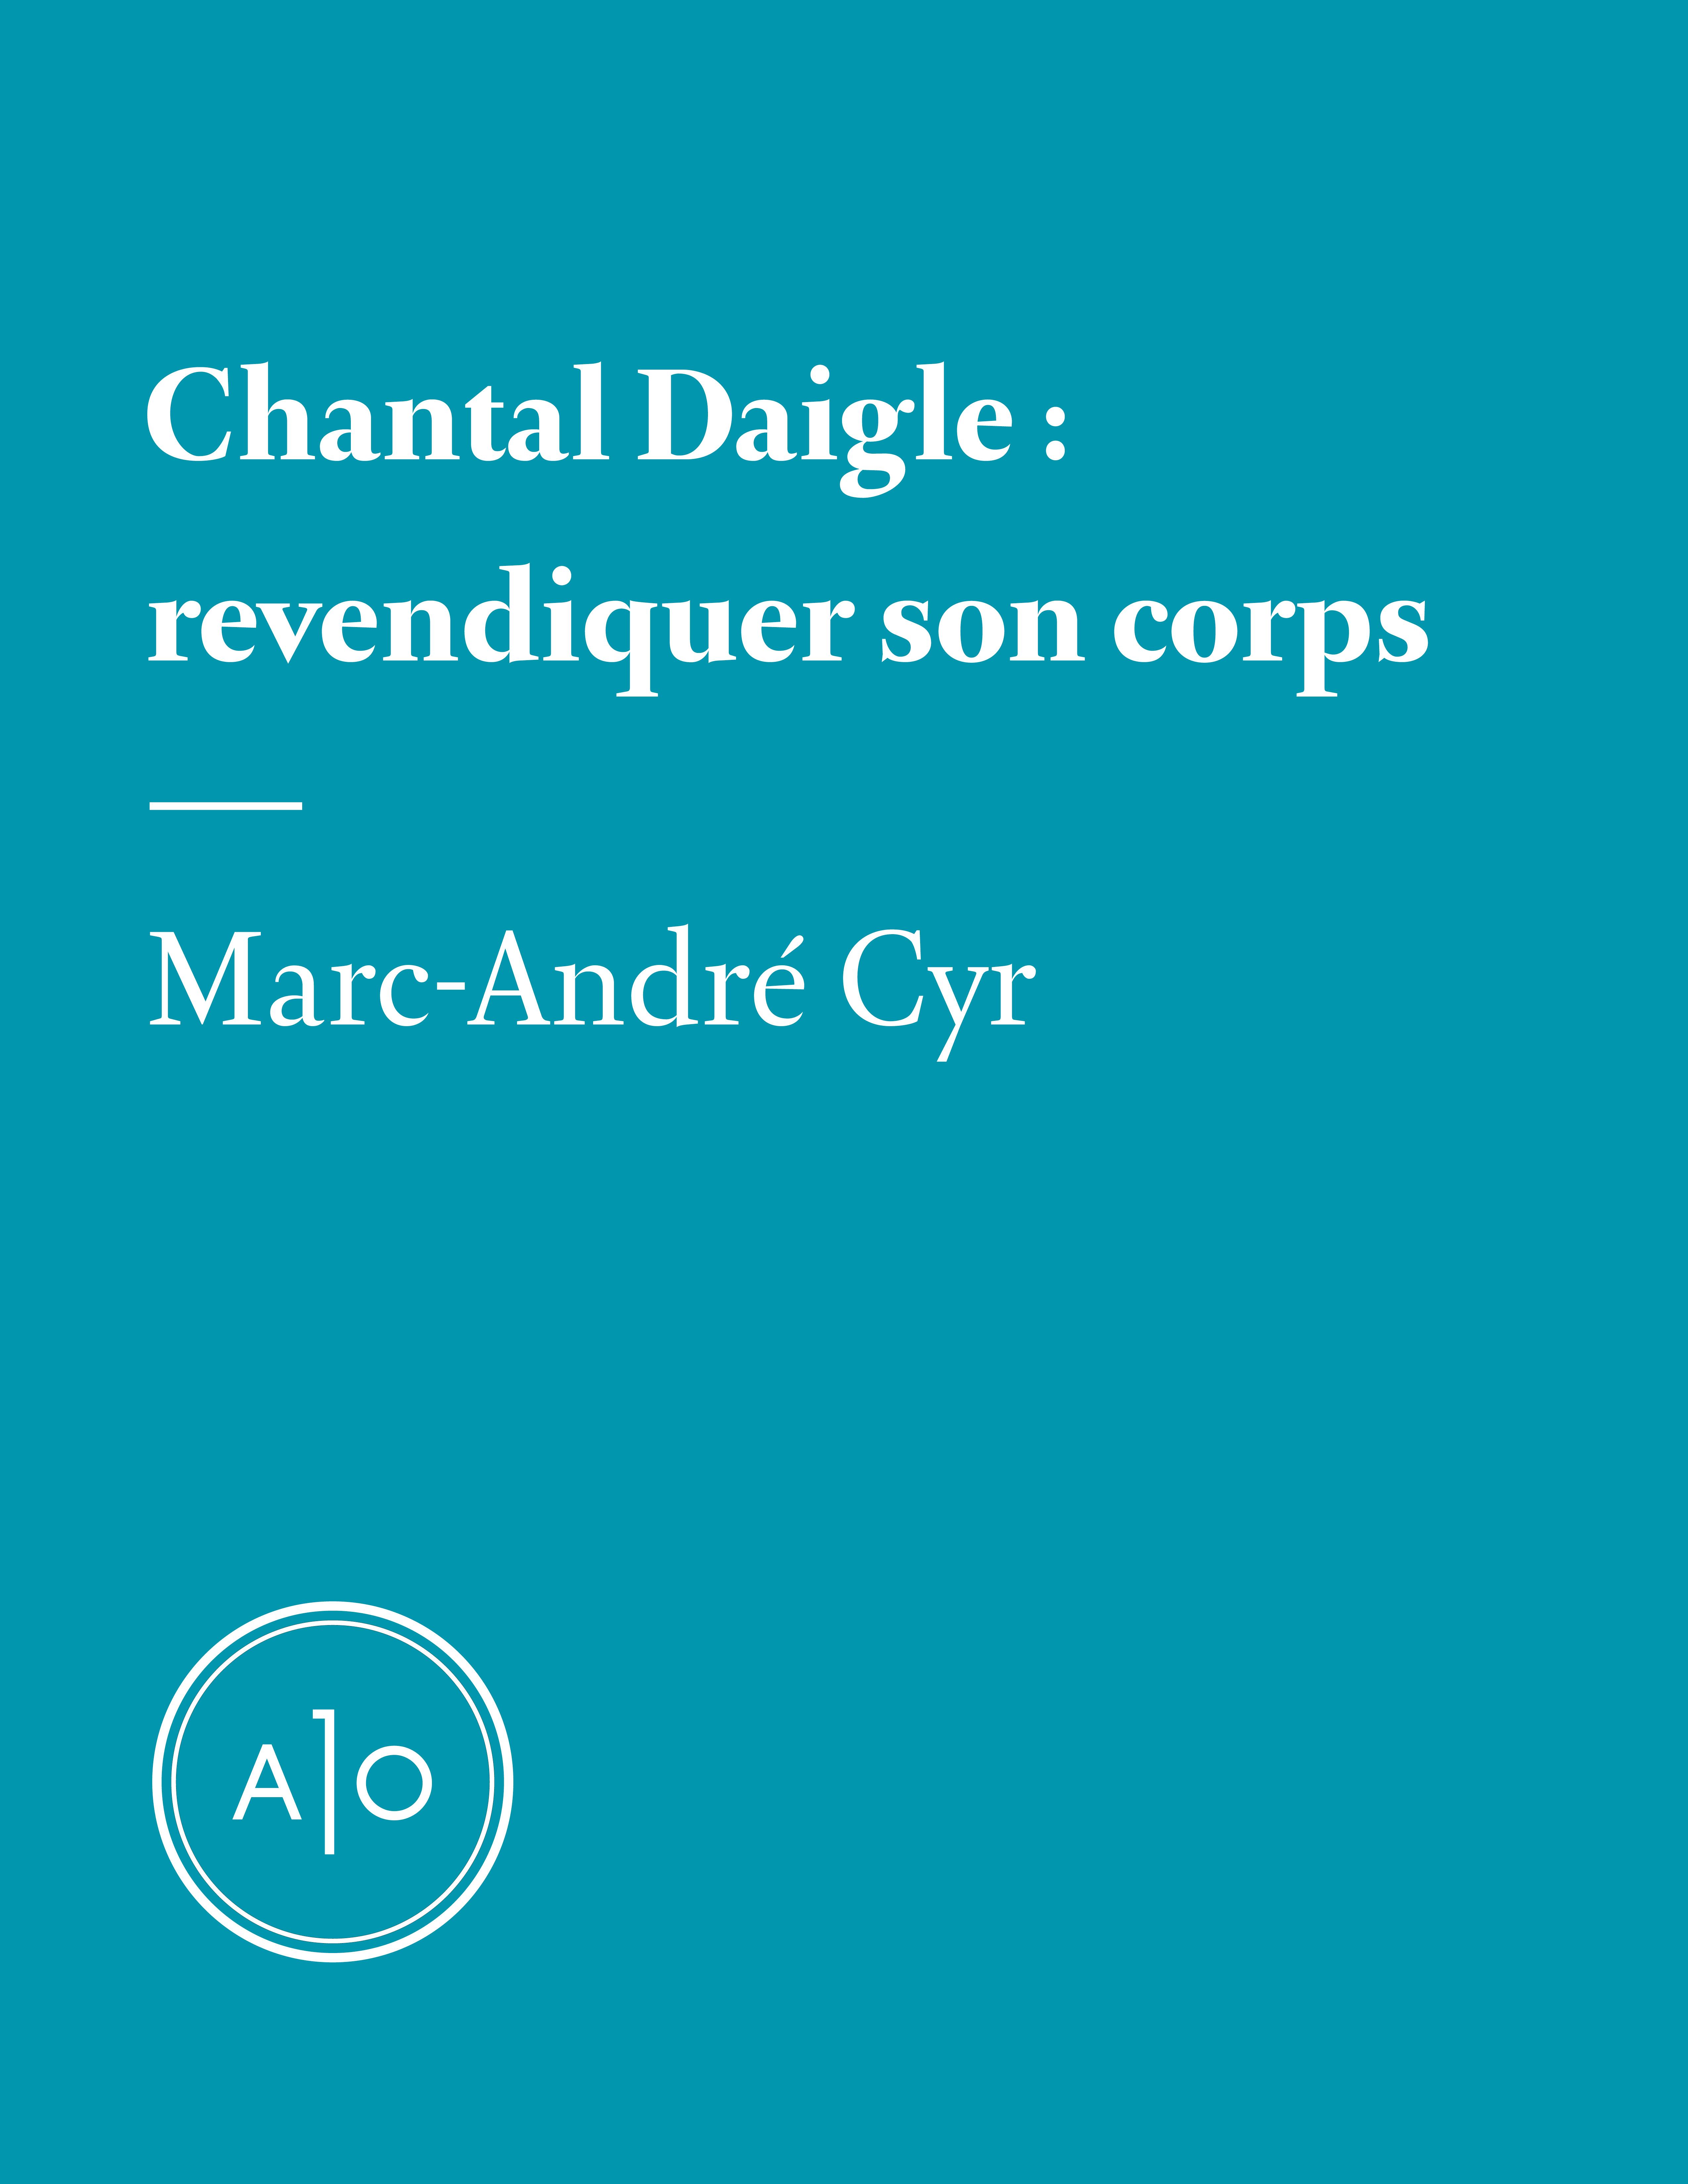 Chantal Daigle: revendiquer son corps